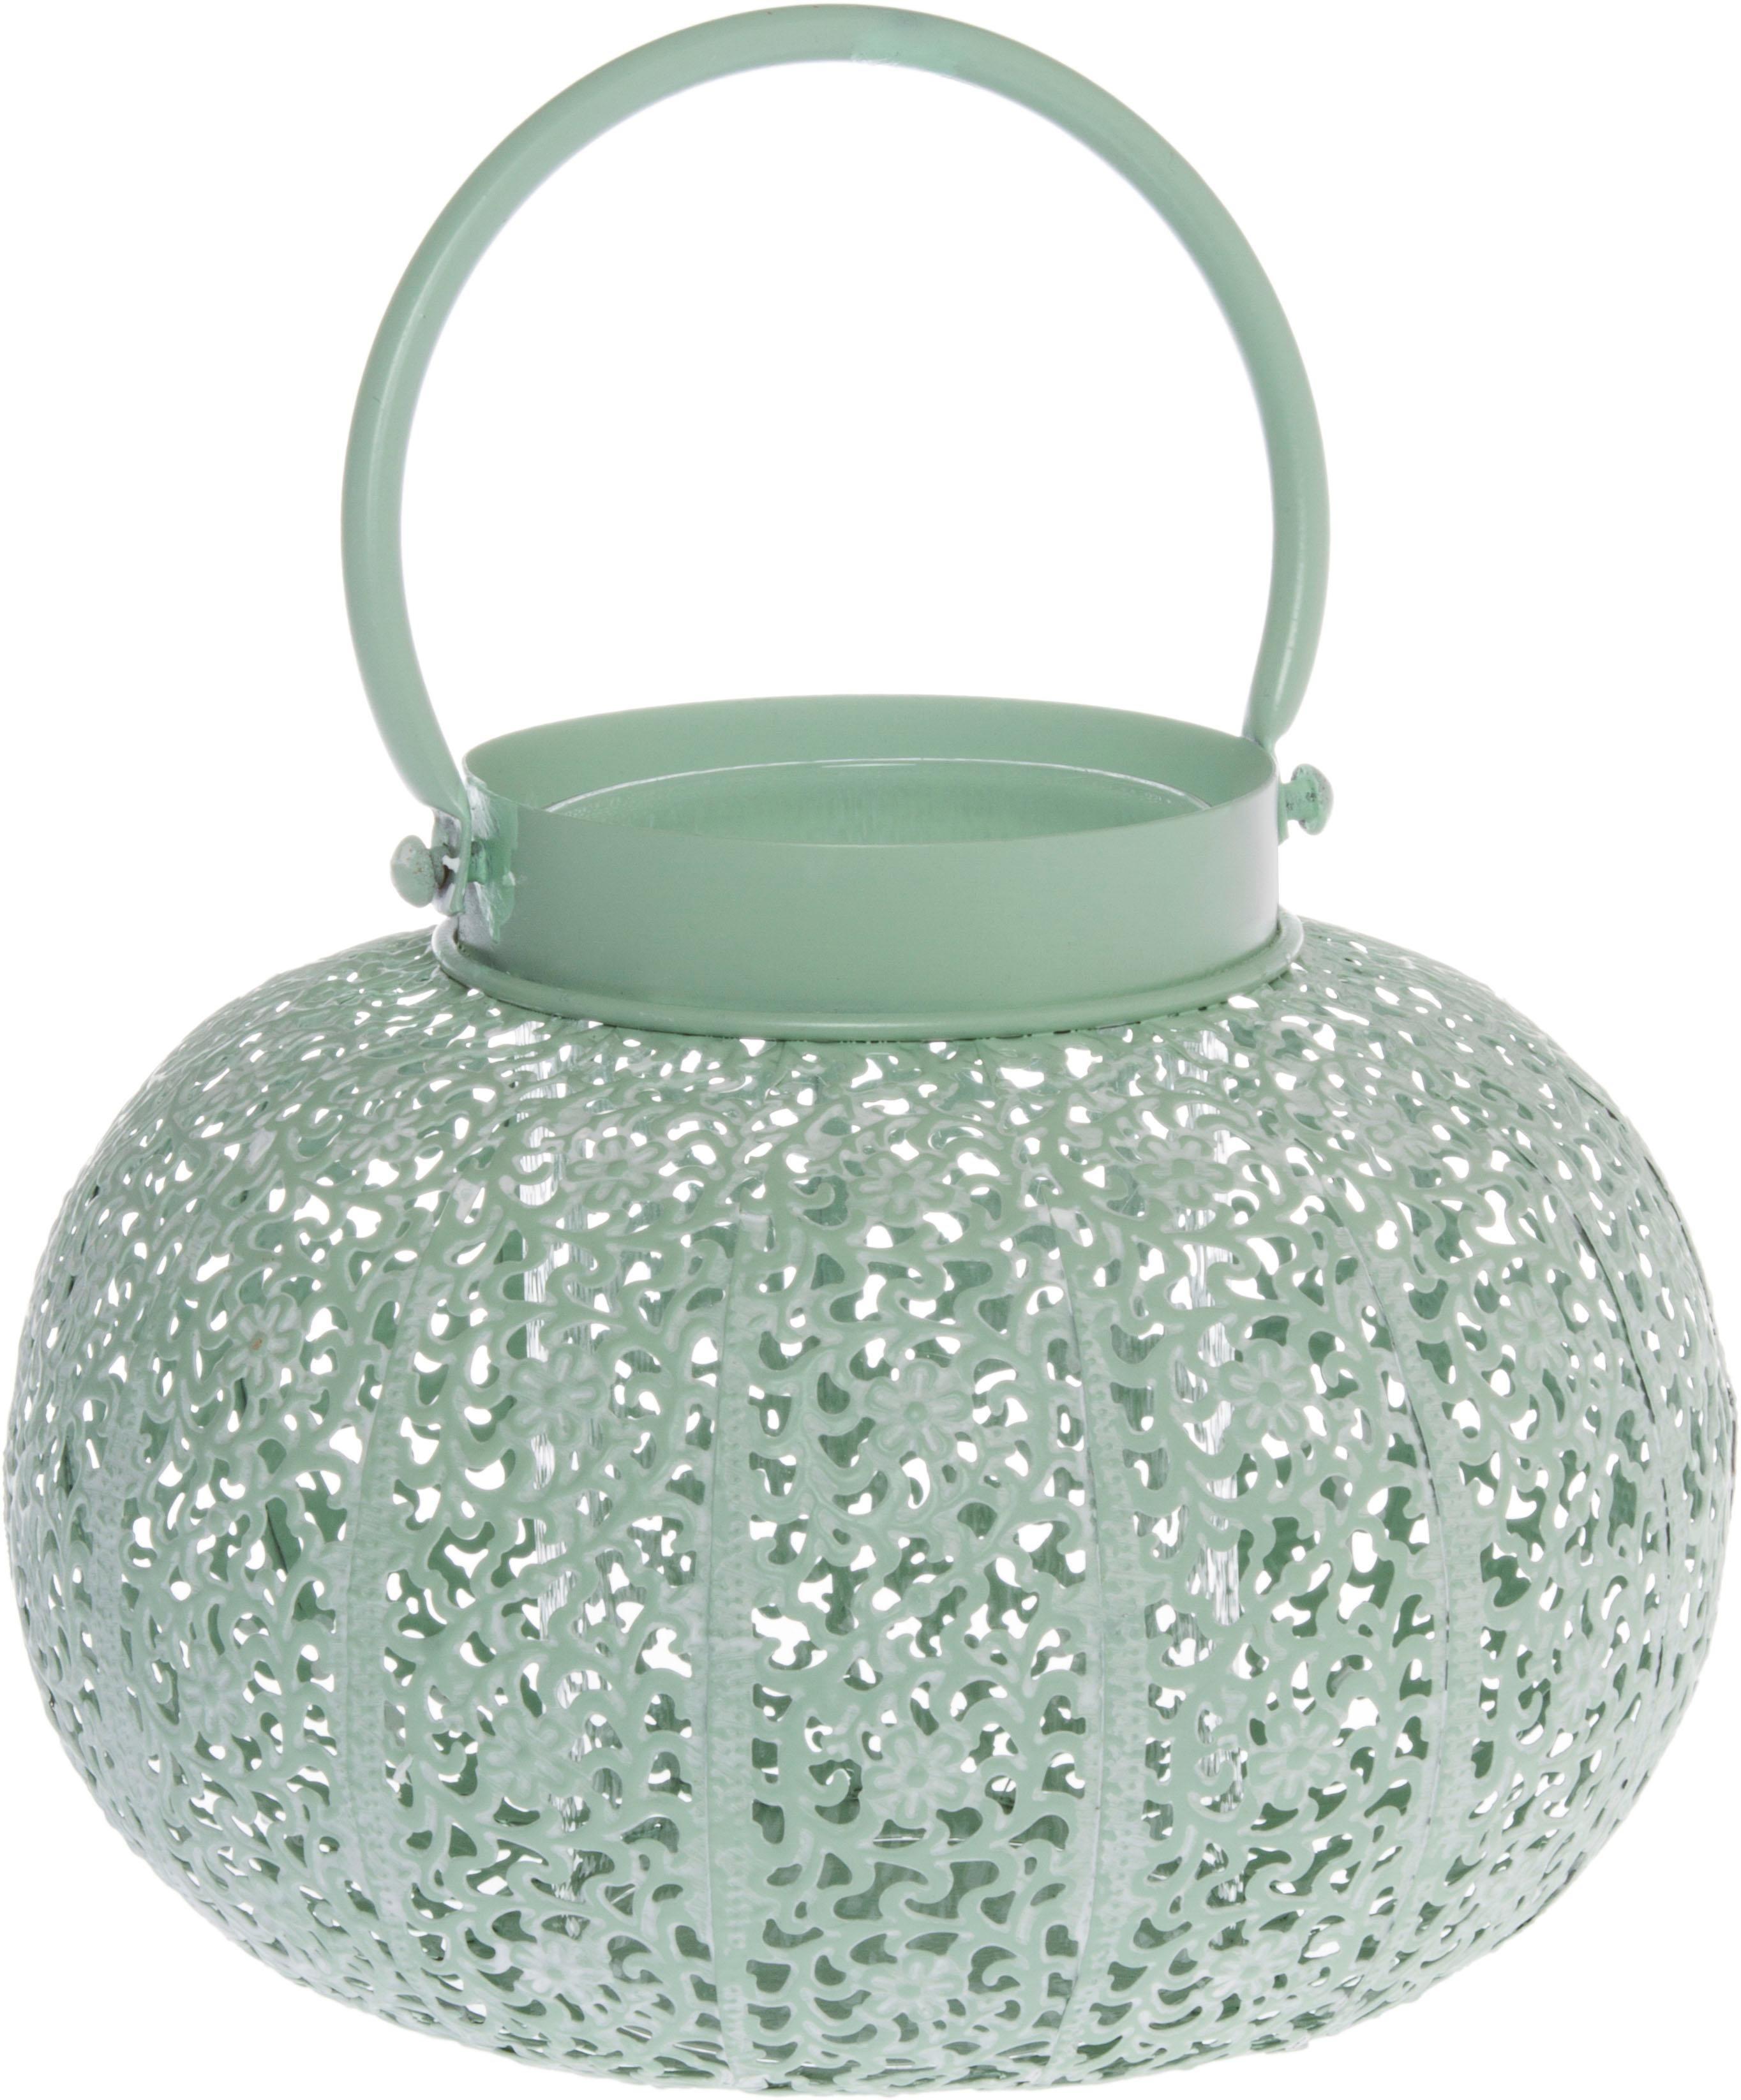 Home affaire Laterne »Orient« | Dekoration > Kerzen und Kerzenständer > Laternen | Home affaire